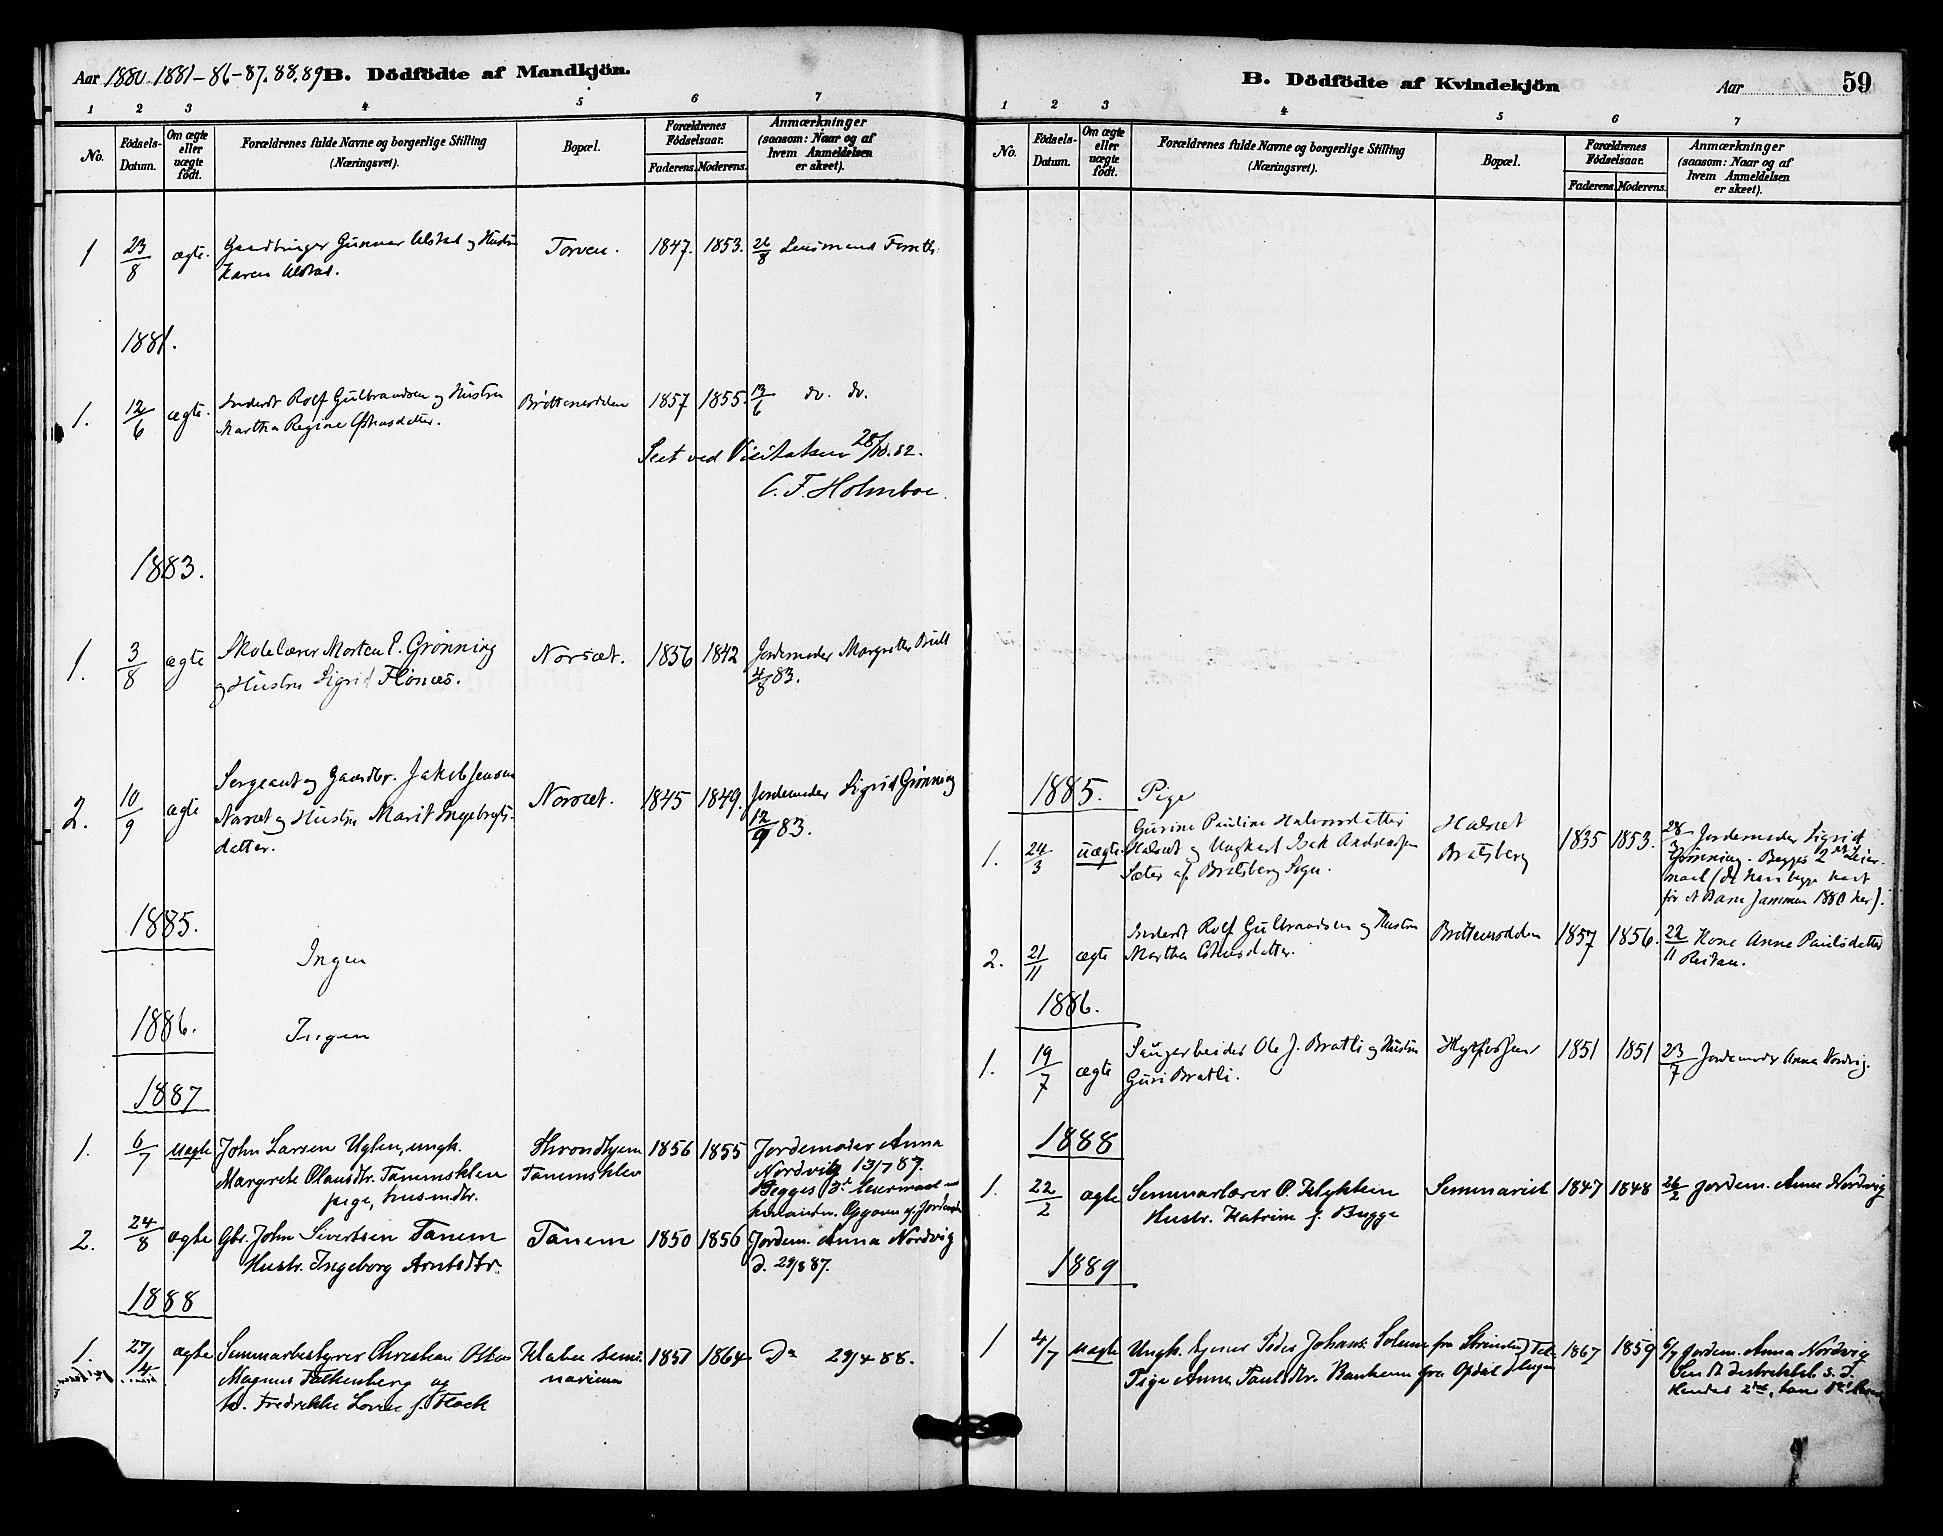 SAT, Ministerialprotokoller, klokkerbøker og fødselsregistre - Sør-Trøndelag, 618/L0444: Ministerialbok nr. 618A07, 1880-1898, s. 59